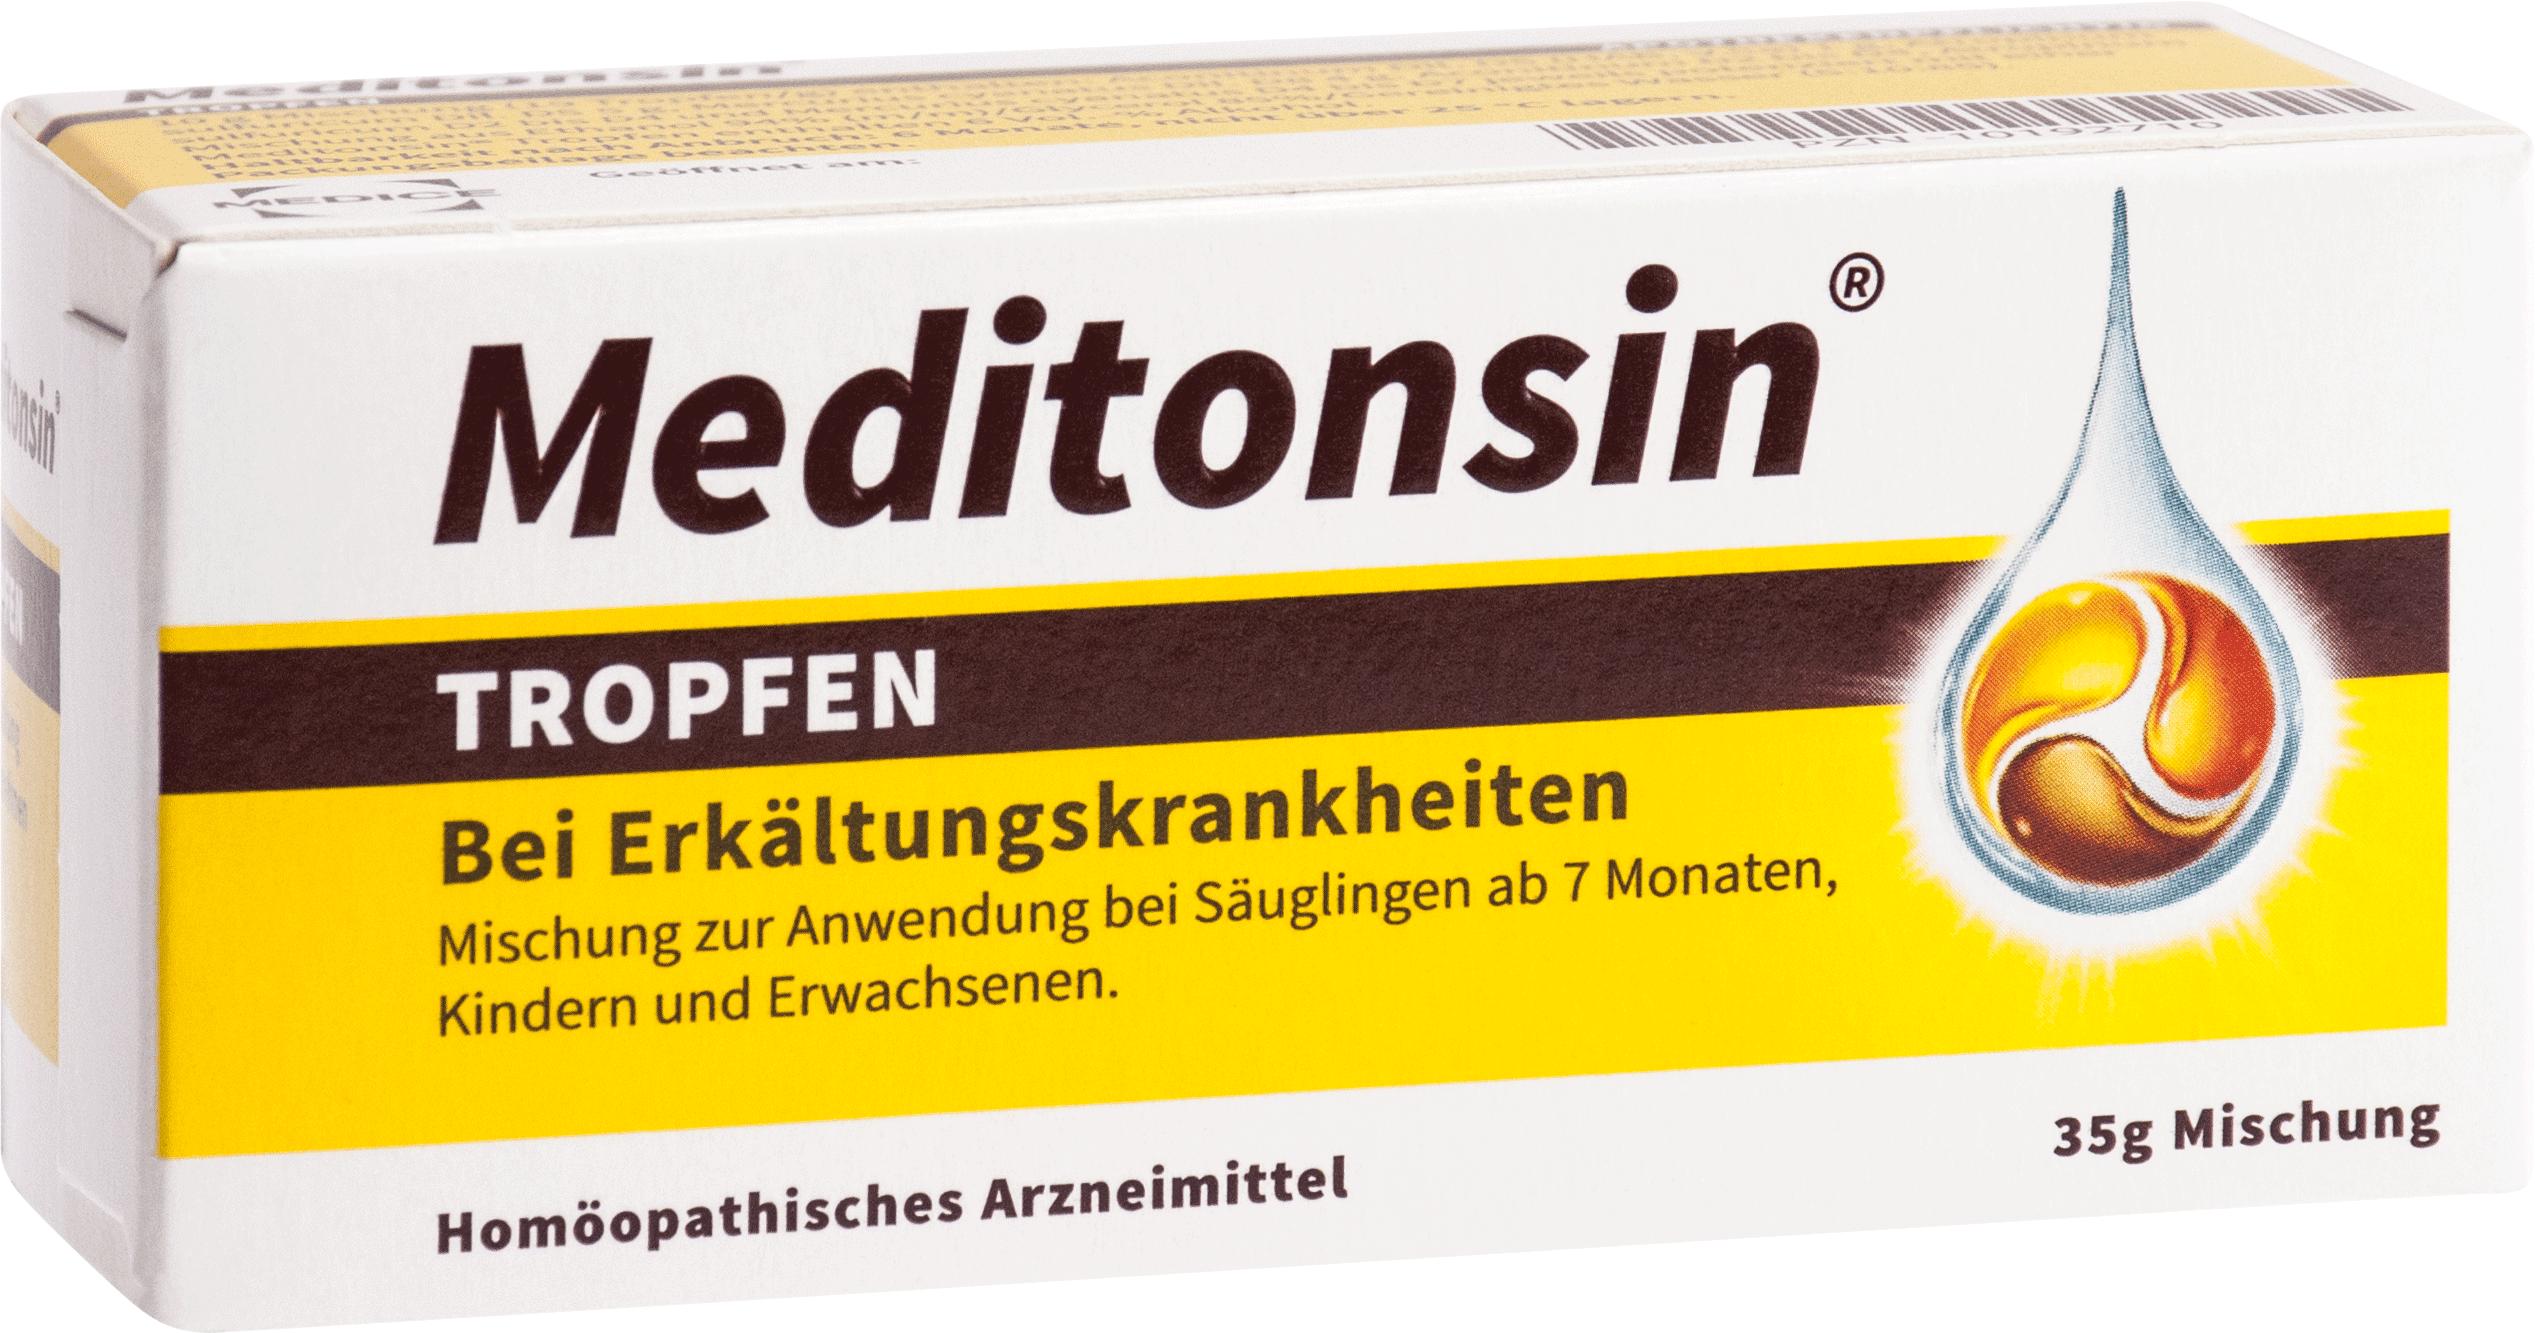 Meditonsin Tropfen